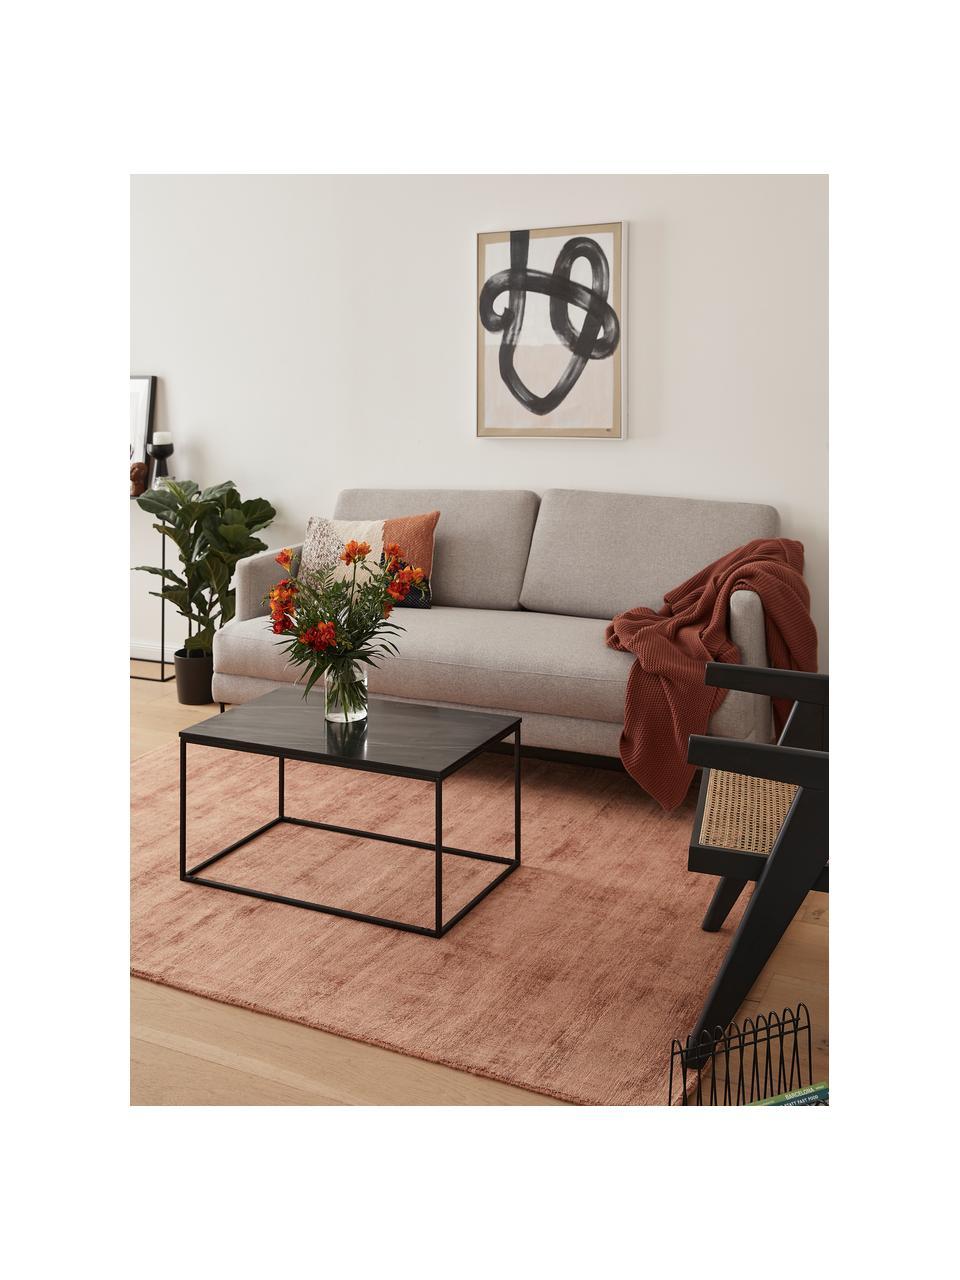 Marmor-Couchtisch Alys, Tischplatte: Marmor, Gestell: Metall, pulverbeschichtet, Schwarzer Marmor, Schwarz, 80 x 40 cm